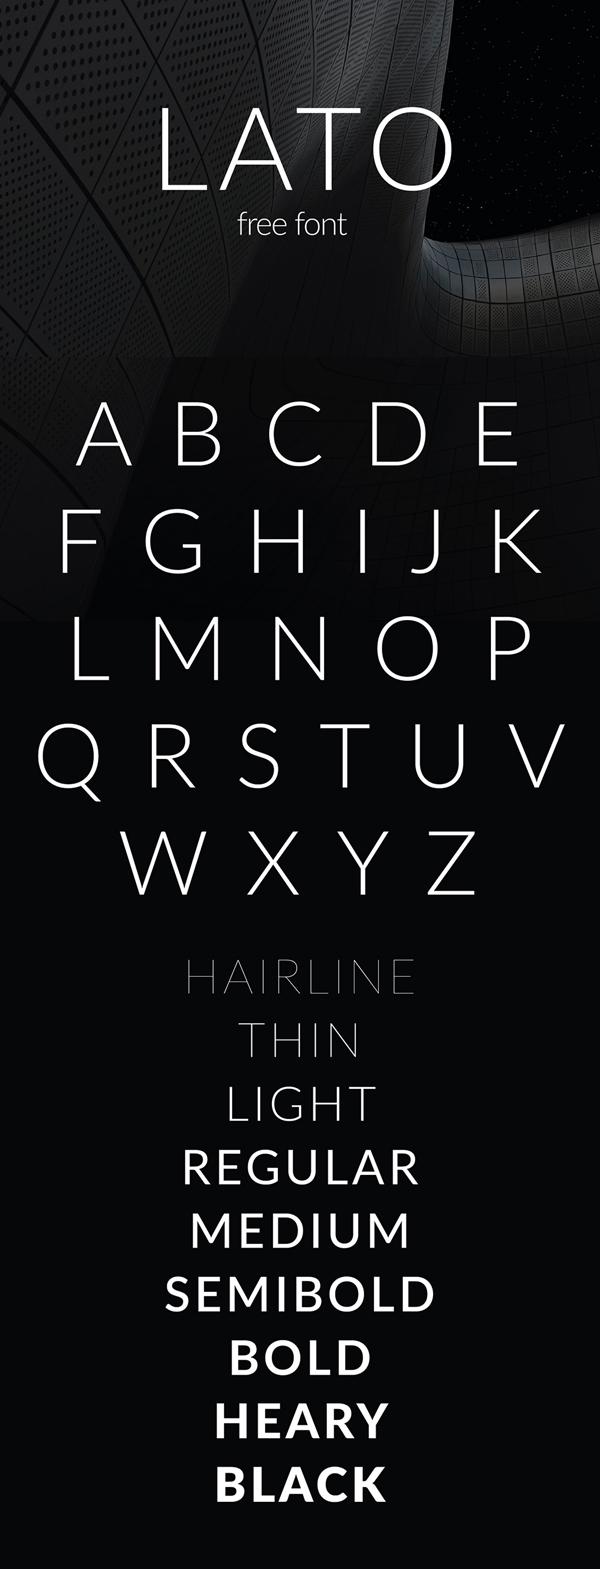 Lato Free Font